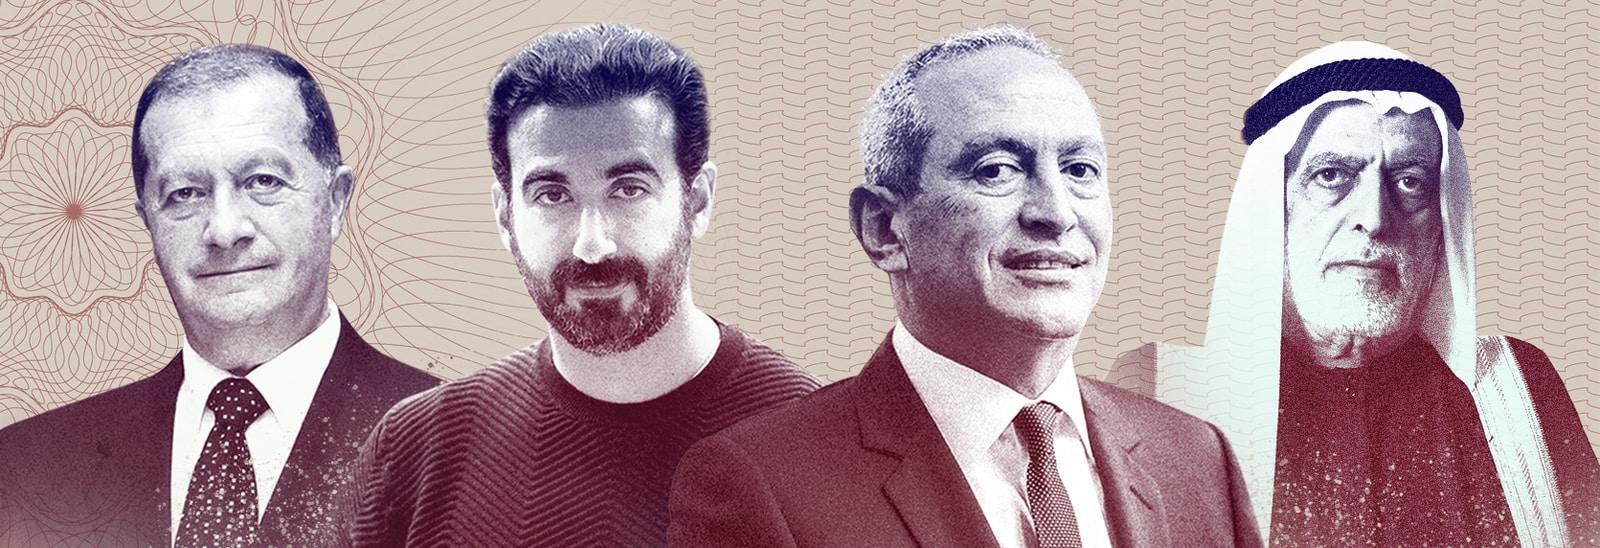 قائمة اغنى اغنياء العرب الأول مصري